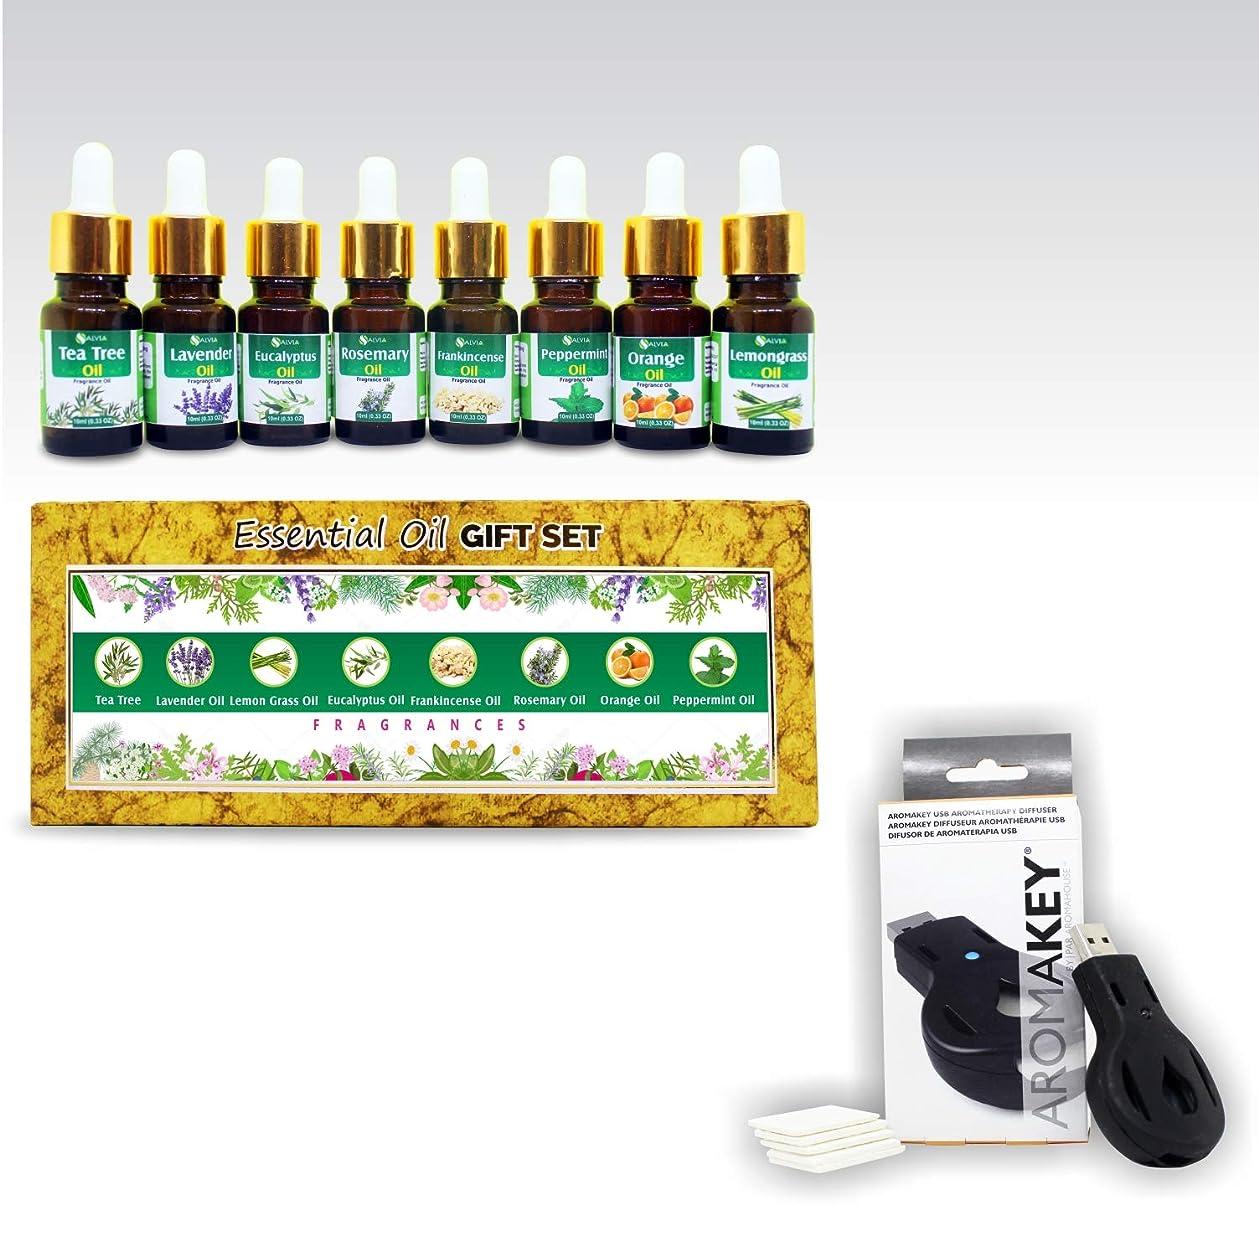 避けられないアリス作者Aromatherapy Essential Oils - Gift set (Pack of 8) 100% Pure & Natural Plus Aromakey USB Personal Diffuser, Humidifier, Air Freshener For Office, Car, etc